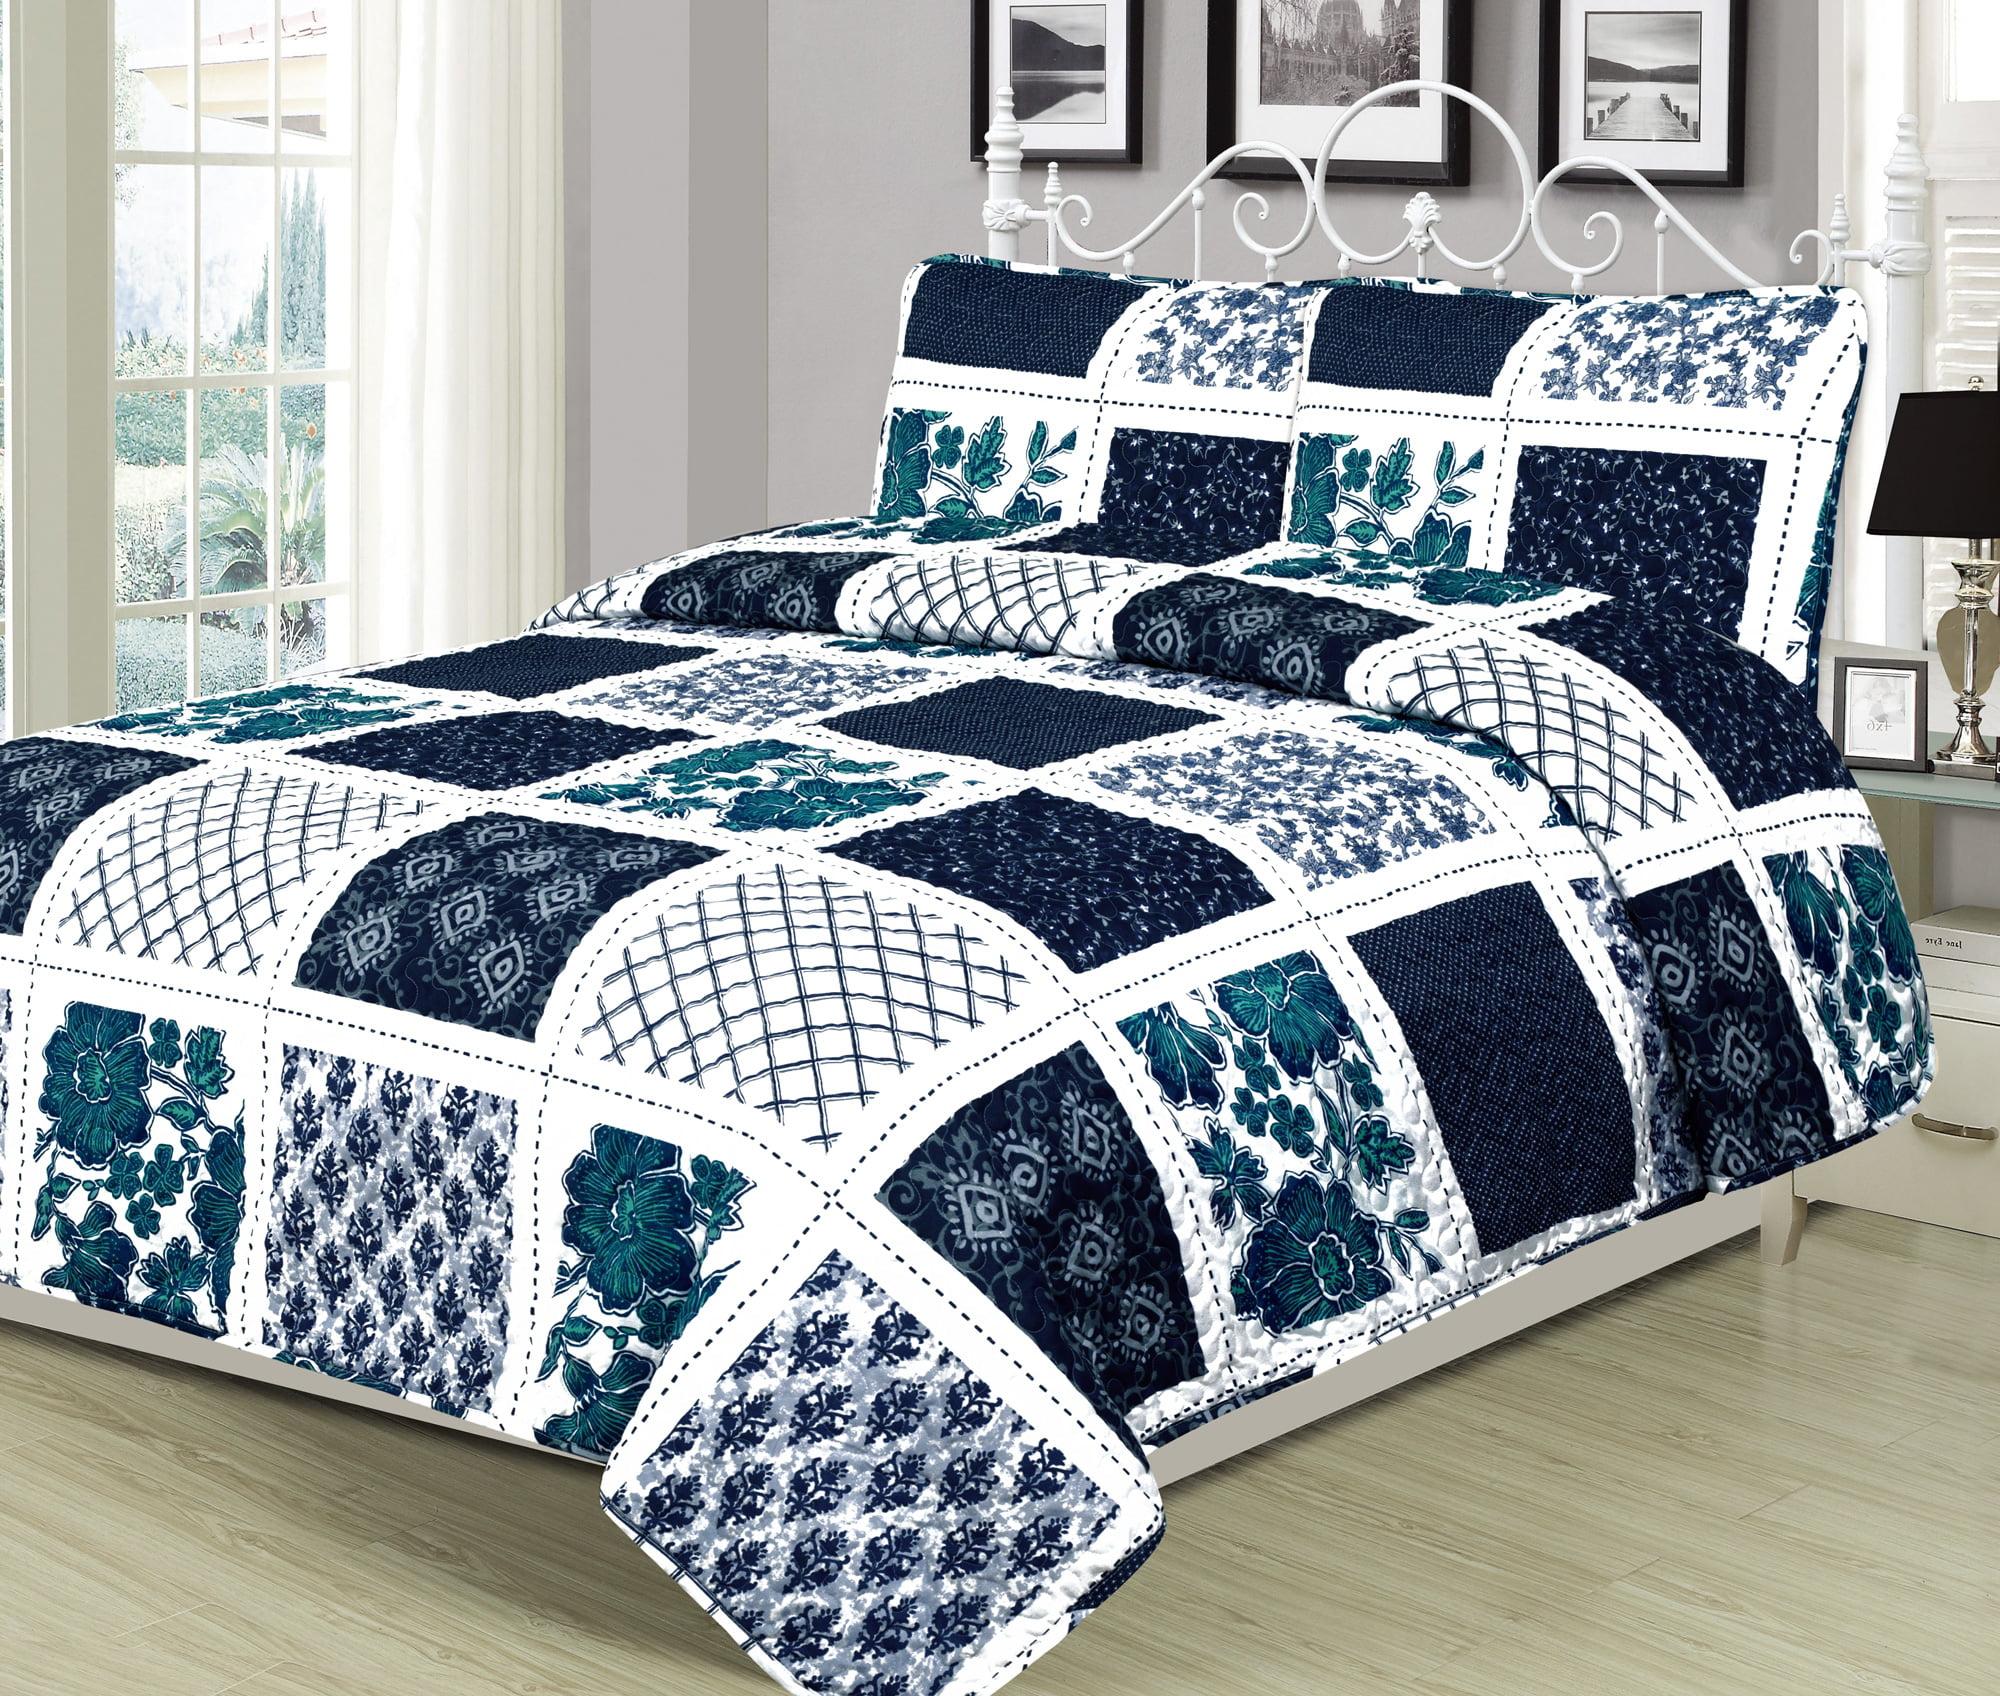 Bedding Sets Duvet Covers Teal Duvet Covers Green Patchwork Floral Tile Modern Quilt Cover Bedding Sets Home Furniture Diy Omnitel Com Na